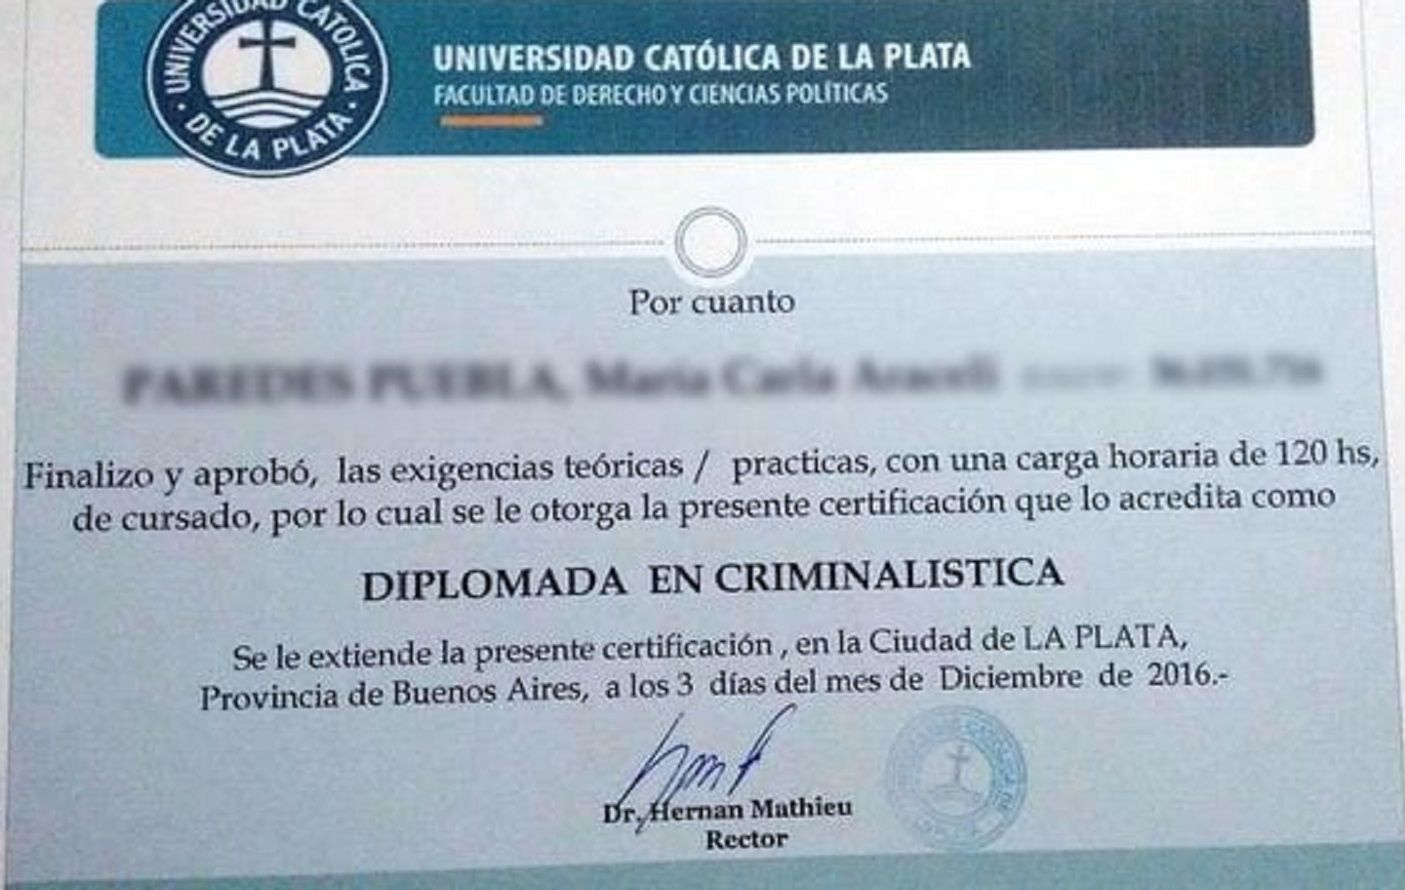 Denuncian a la Universidad Católica por falsificación y estafa